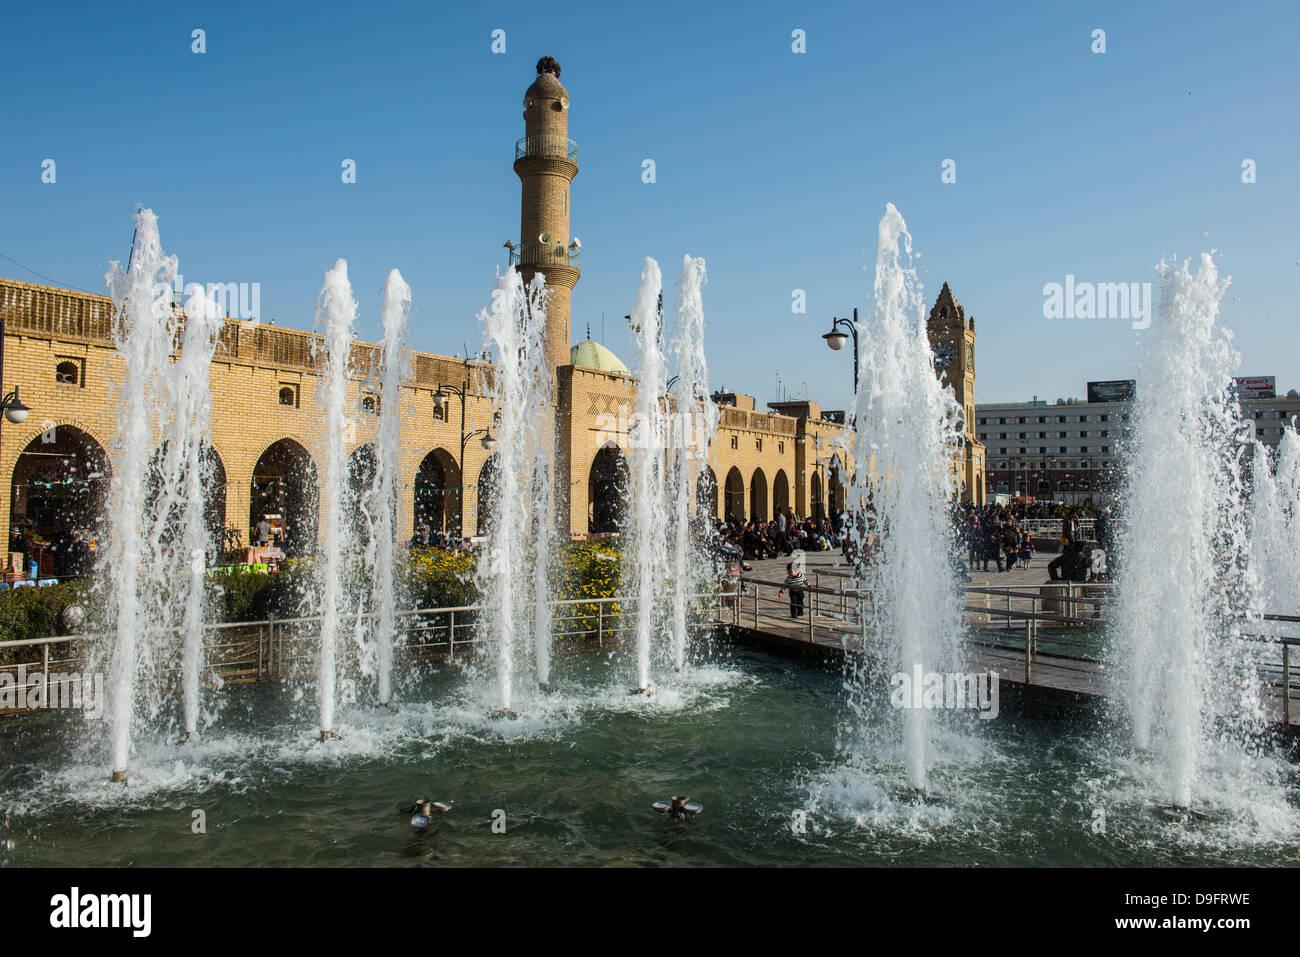 Enorme piazza con fontane al di sotto della cittadella di Erbil (Hawler), capitale del Kurdistan iracheno, Iraq, Immagini Stock